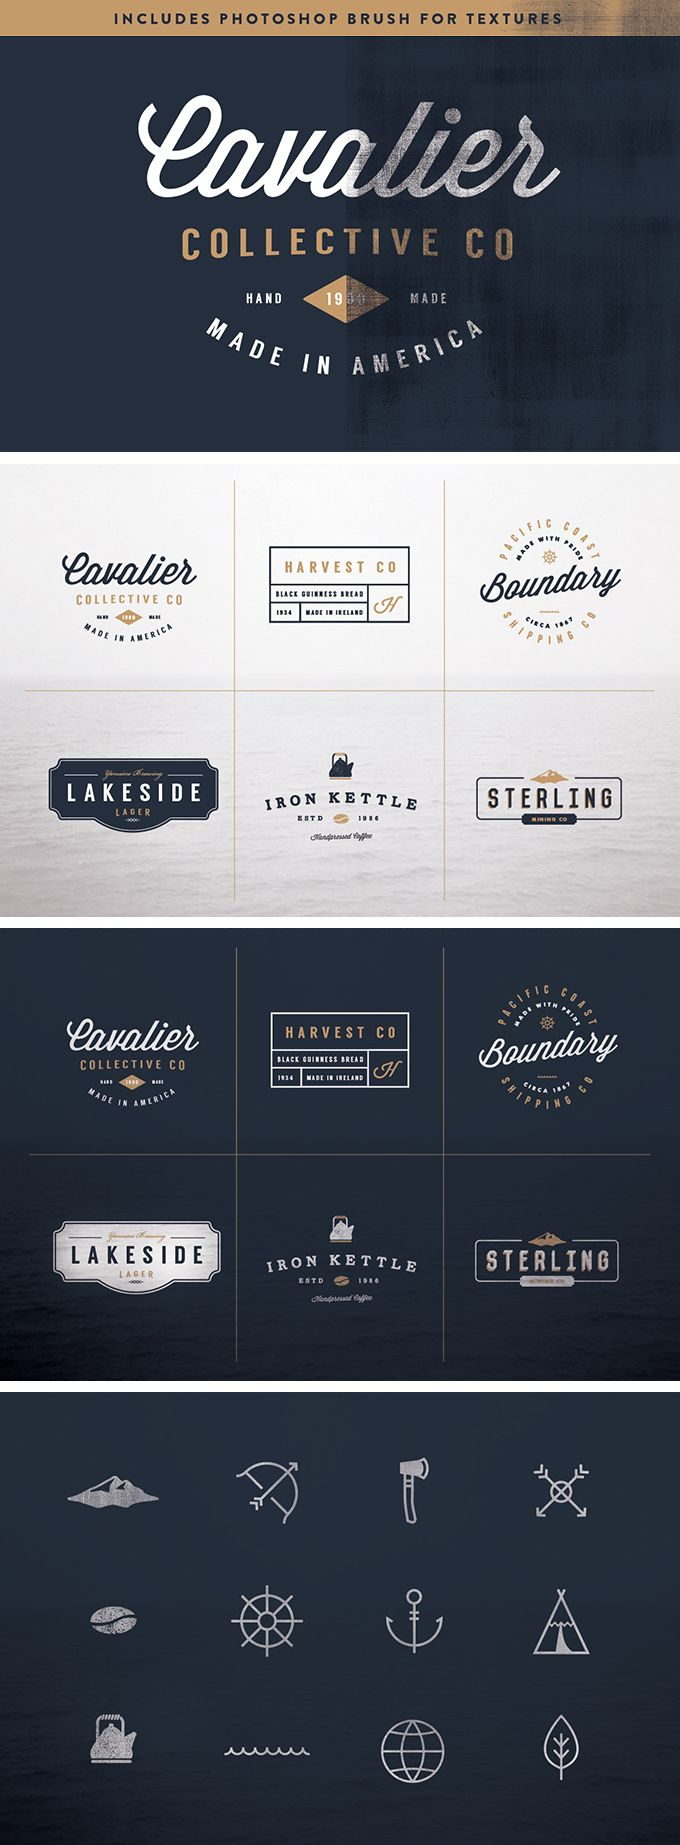 best ideas about vintage logos vintage logo 17 best ideas about vintage logos vintage logo design retro vintage and badge logo